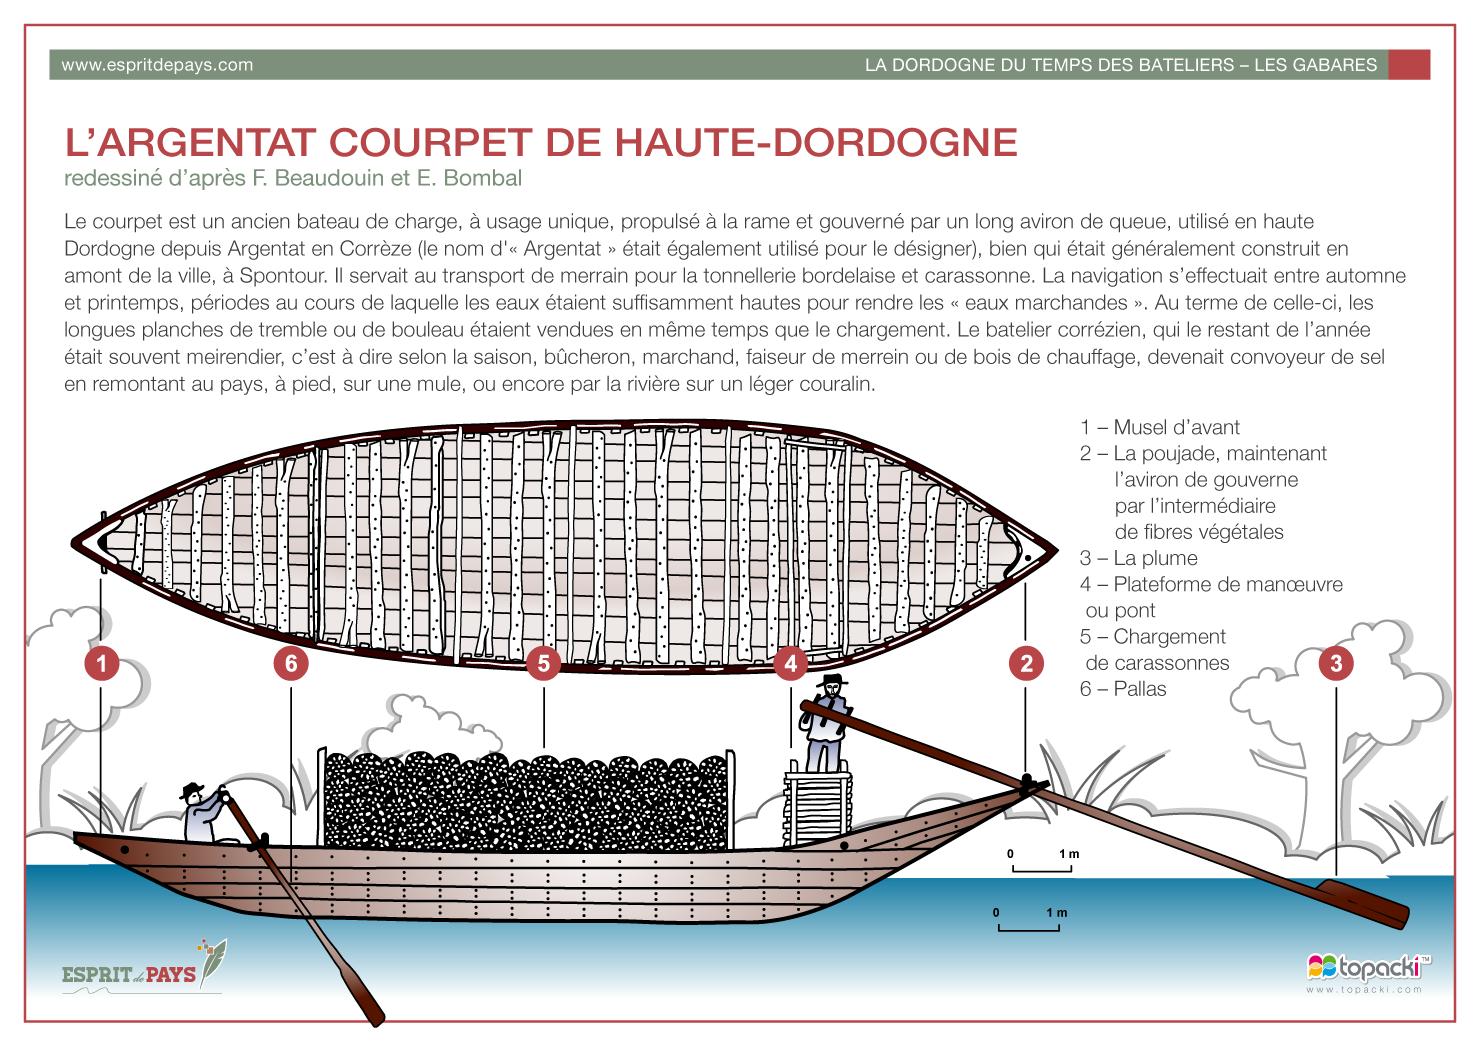 Croquis : Argentat Courpet de Haute-Dordogne